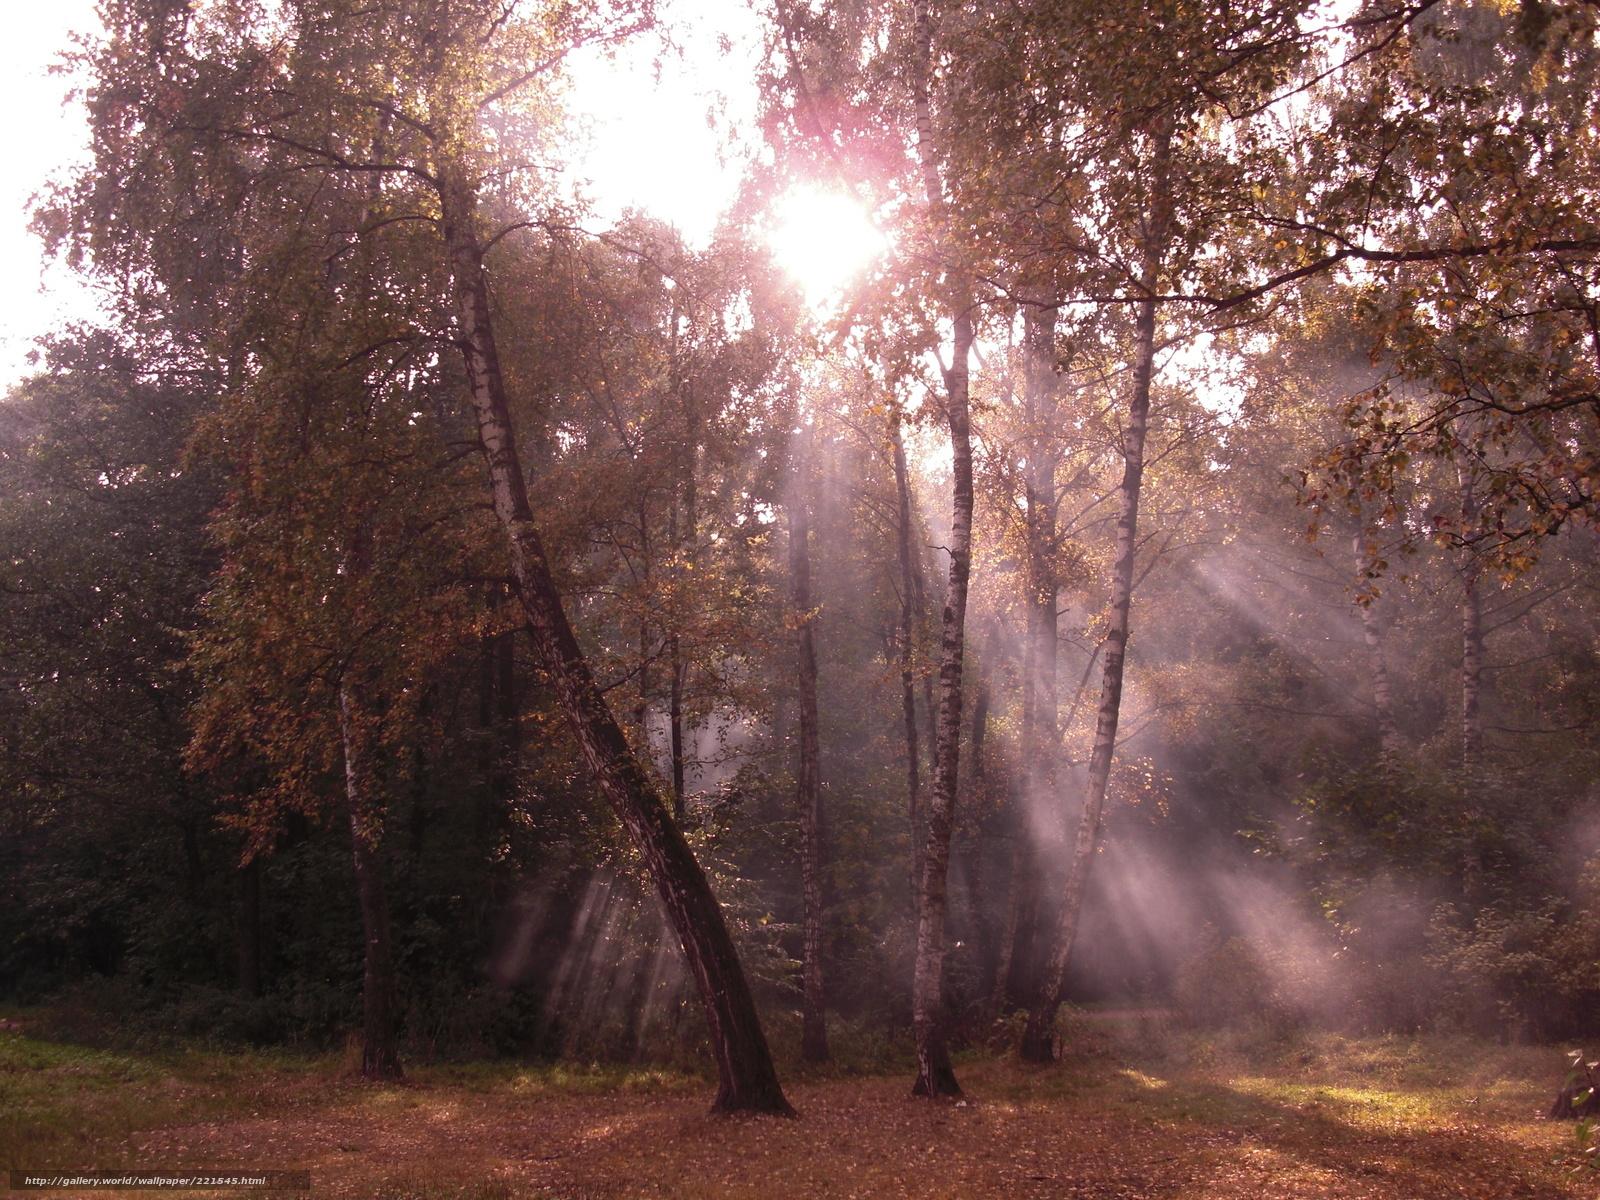 Tlcharger Fond d'ecran arbres,  Bouleau,  fort,  Nature Fonds d'ecran gratuits pour votre rsolution du bureau 2304x1728 — image №221545